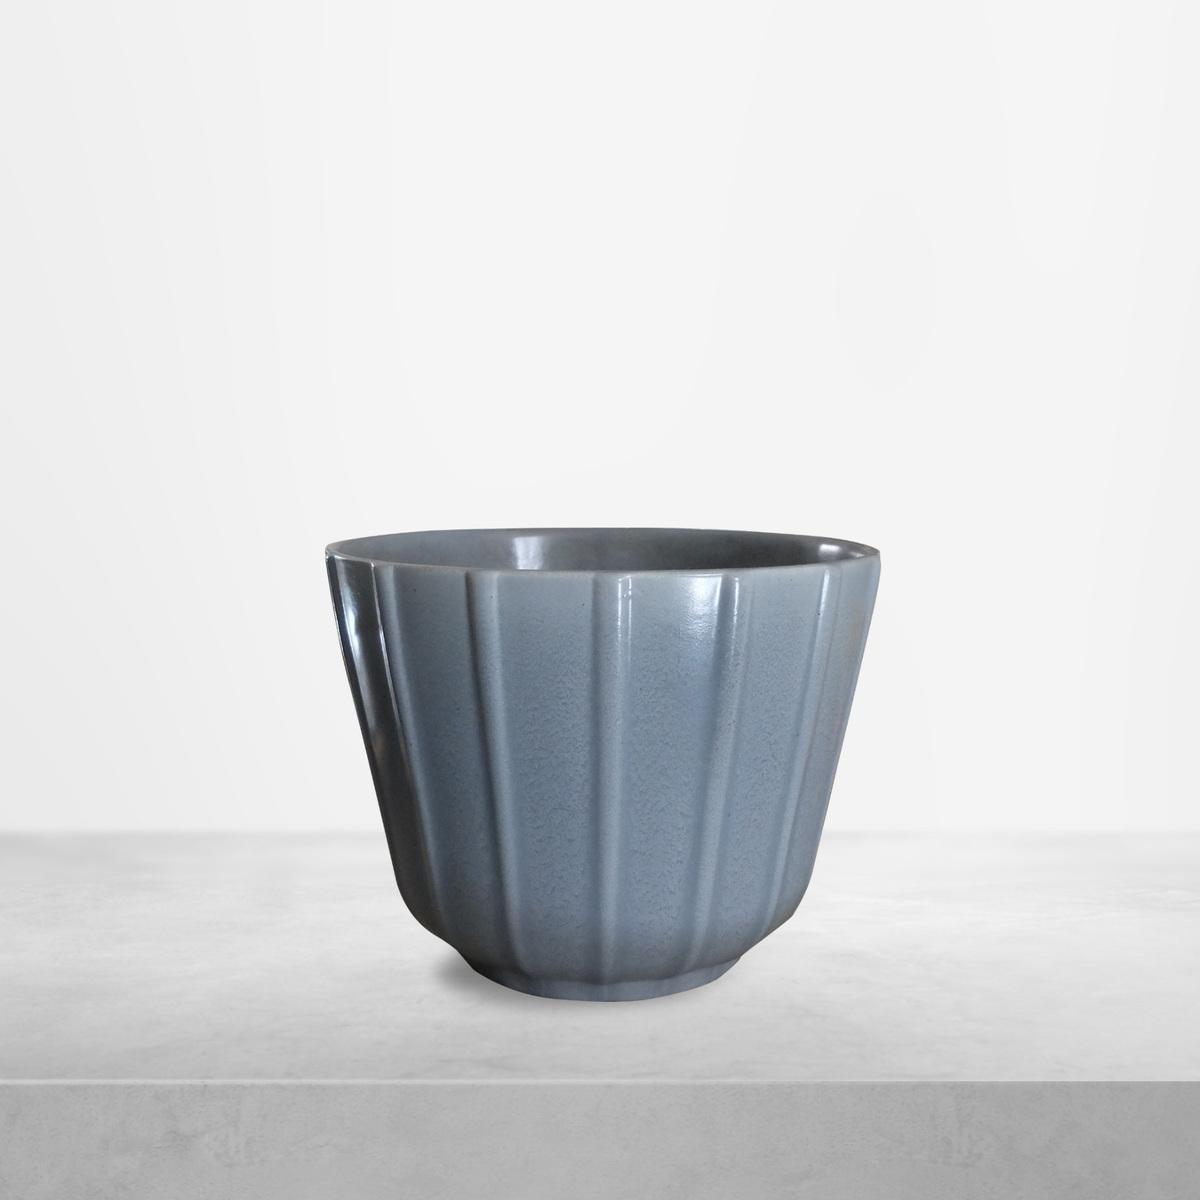 Guido Andlovitz for Lavenia, Elegant Vase in Glazed Ceramic, 1930s